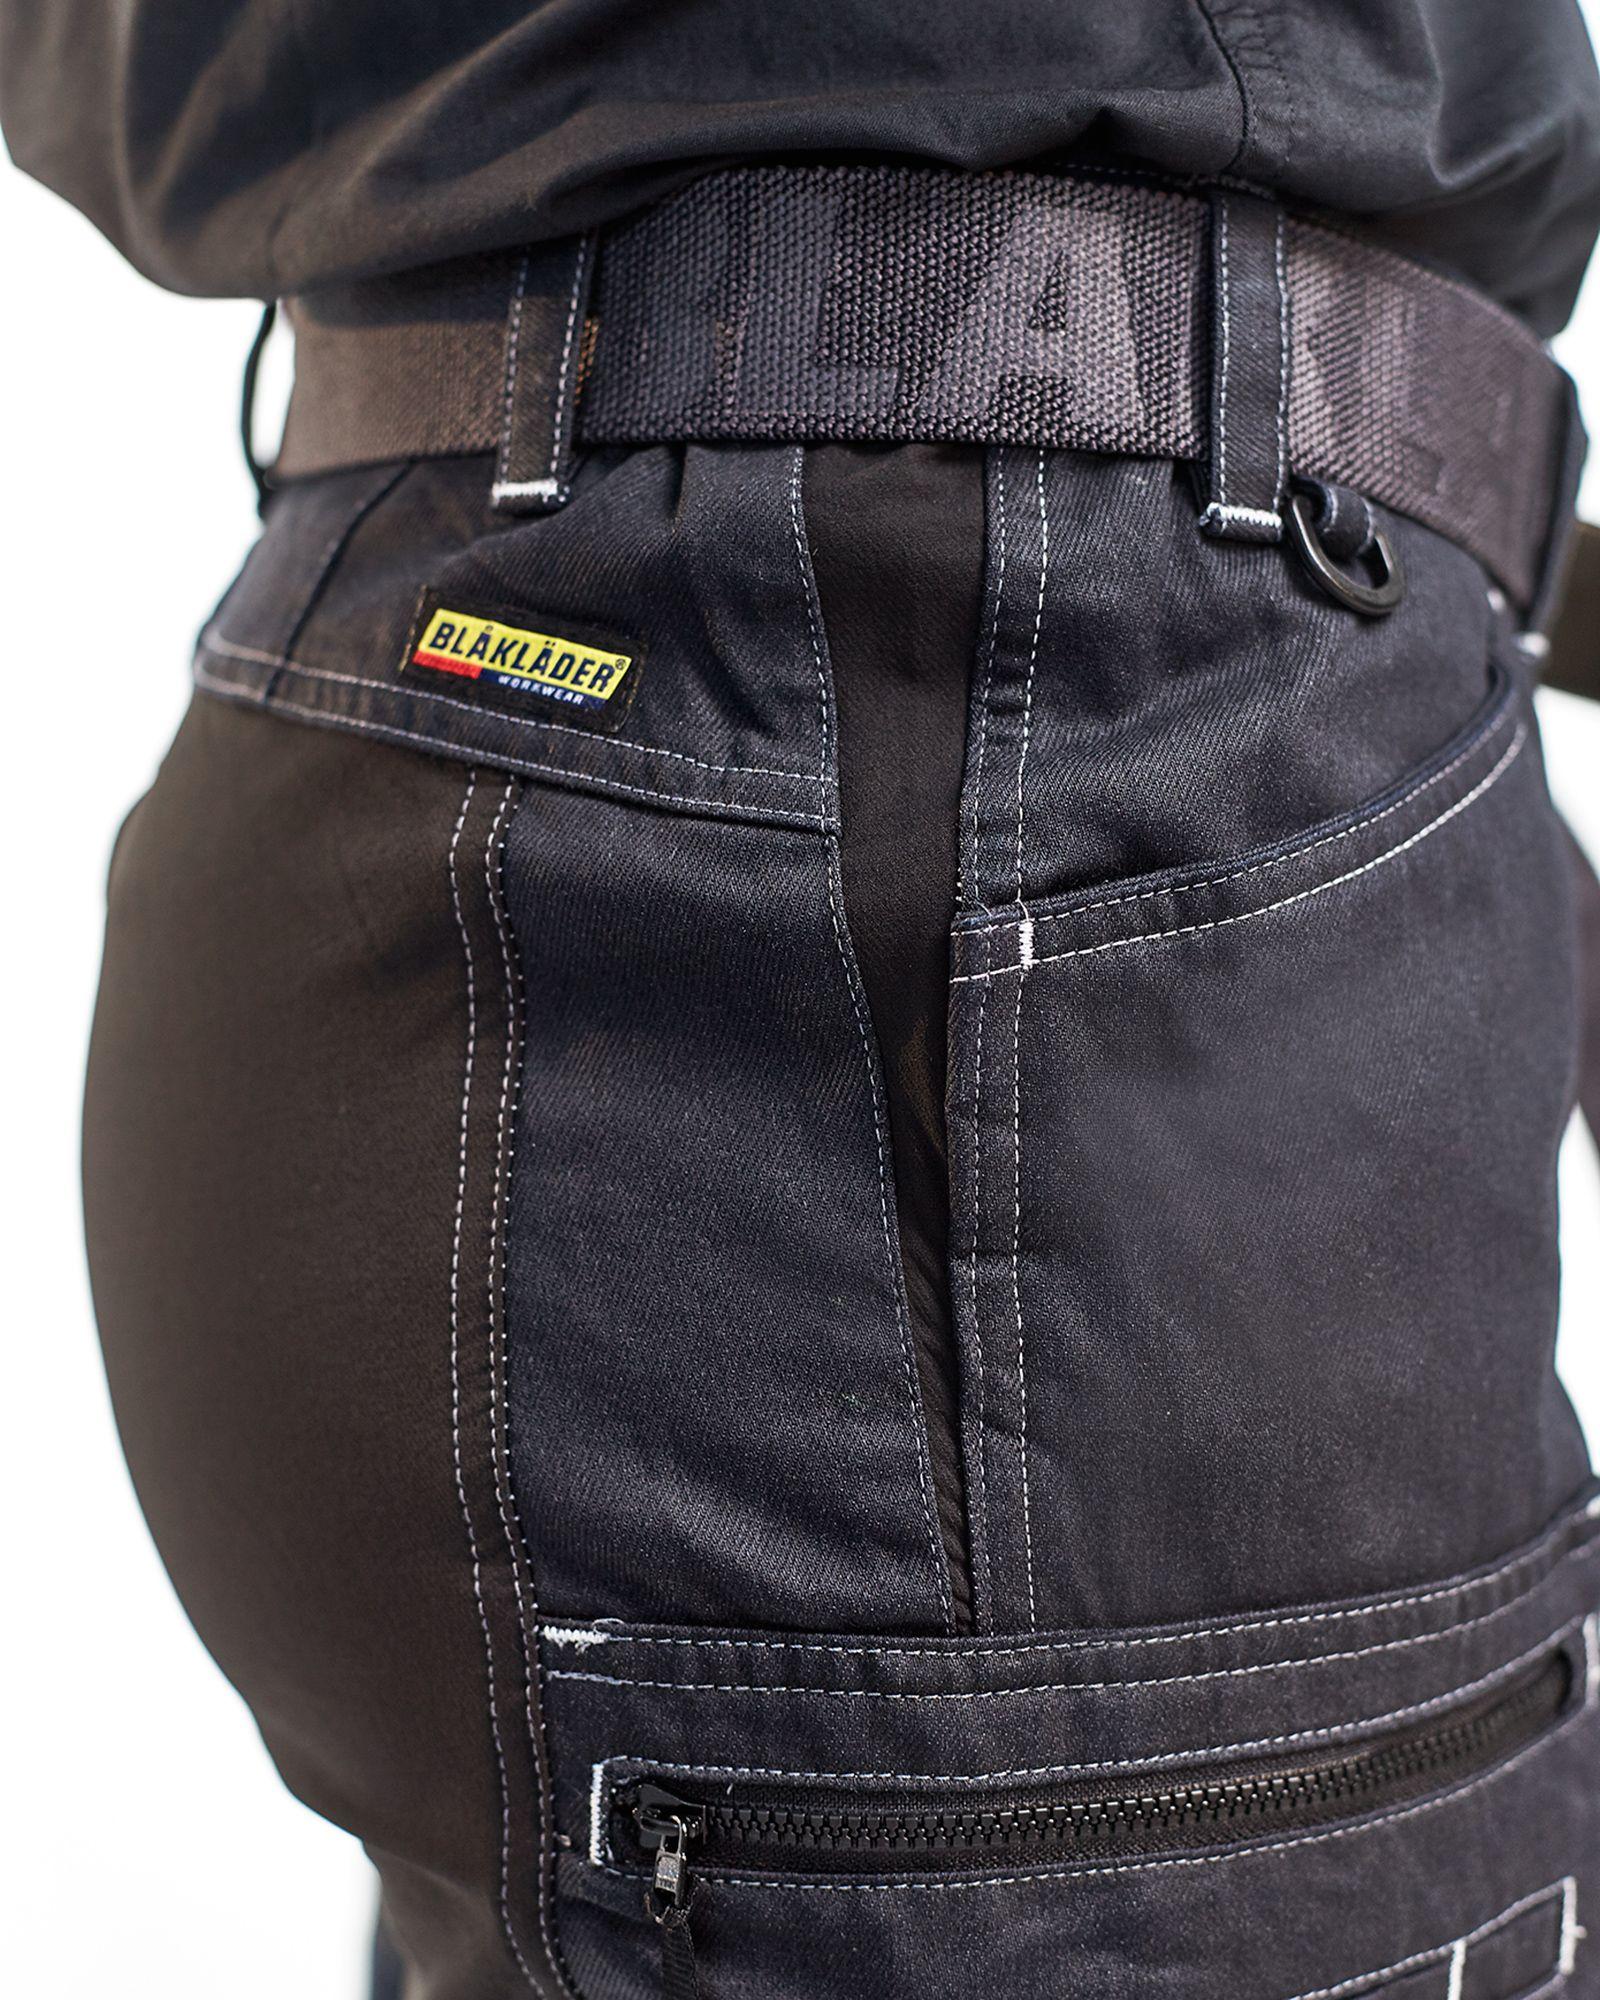 Toppen Blåkläder - 715911428999 Ladies Service trousers stretch CI-97